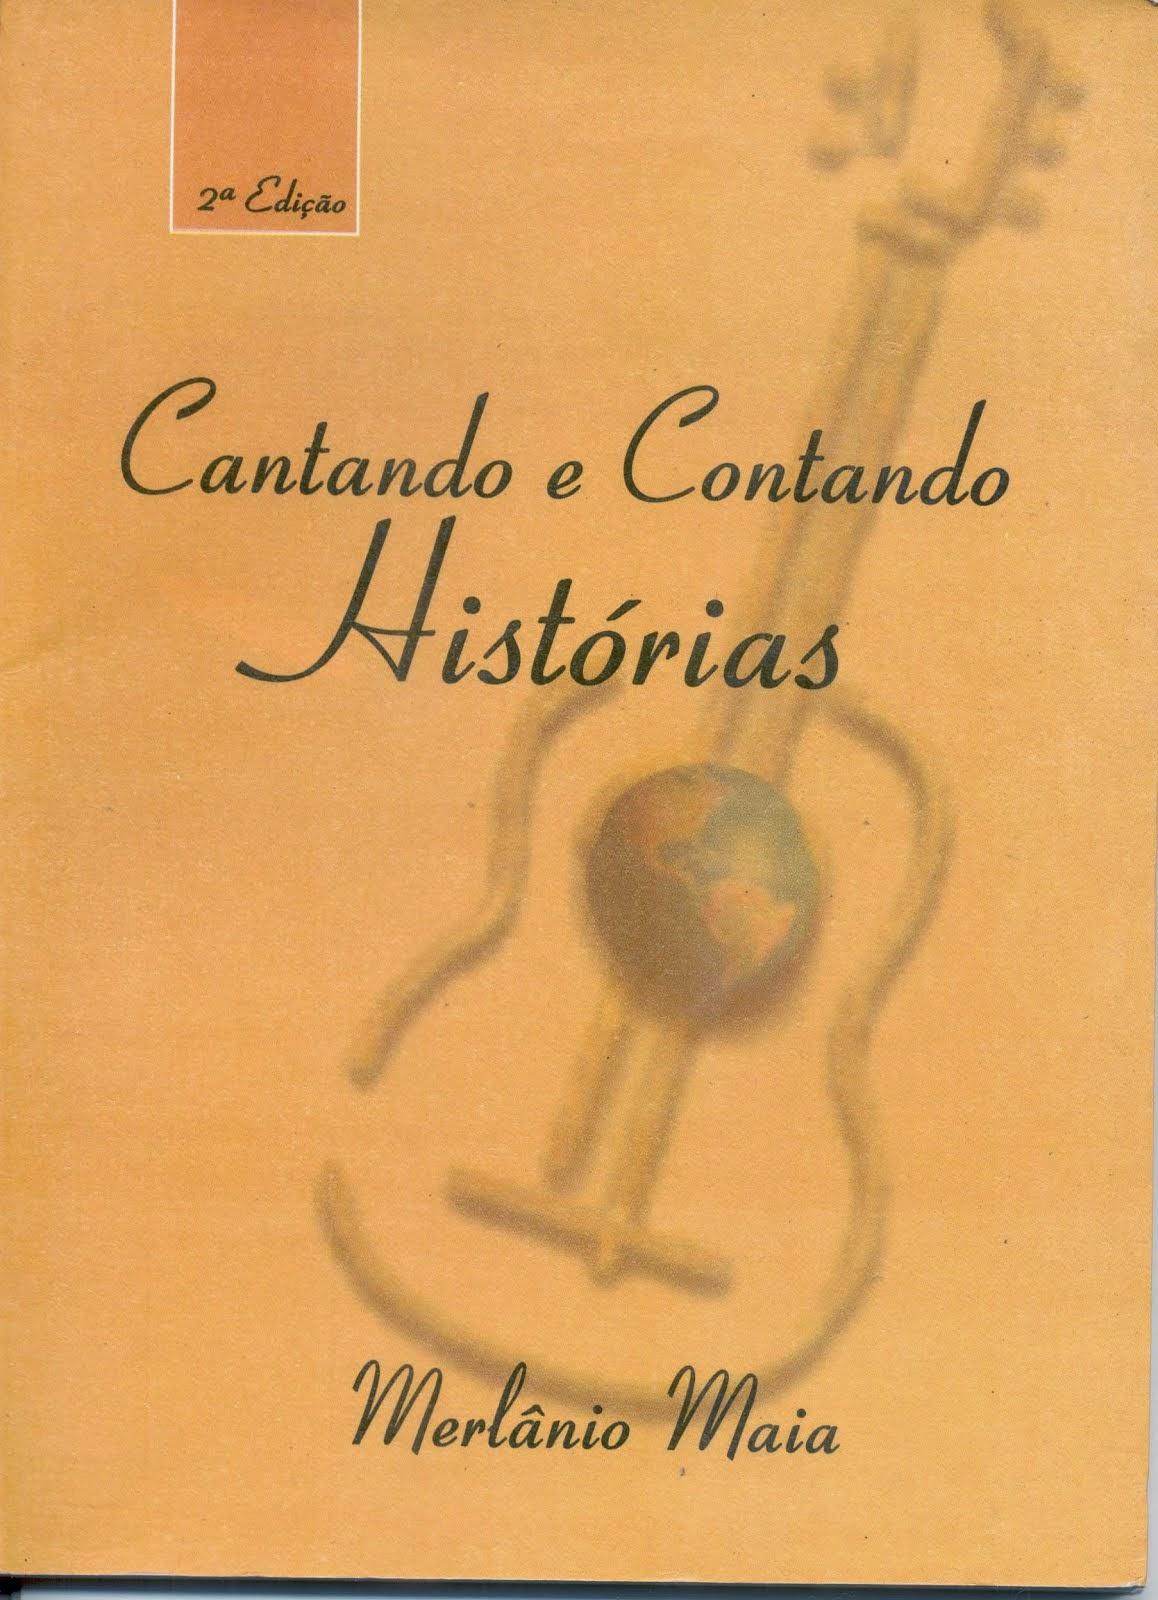 CORDEL DE MERLÂNIO MAIA